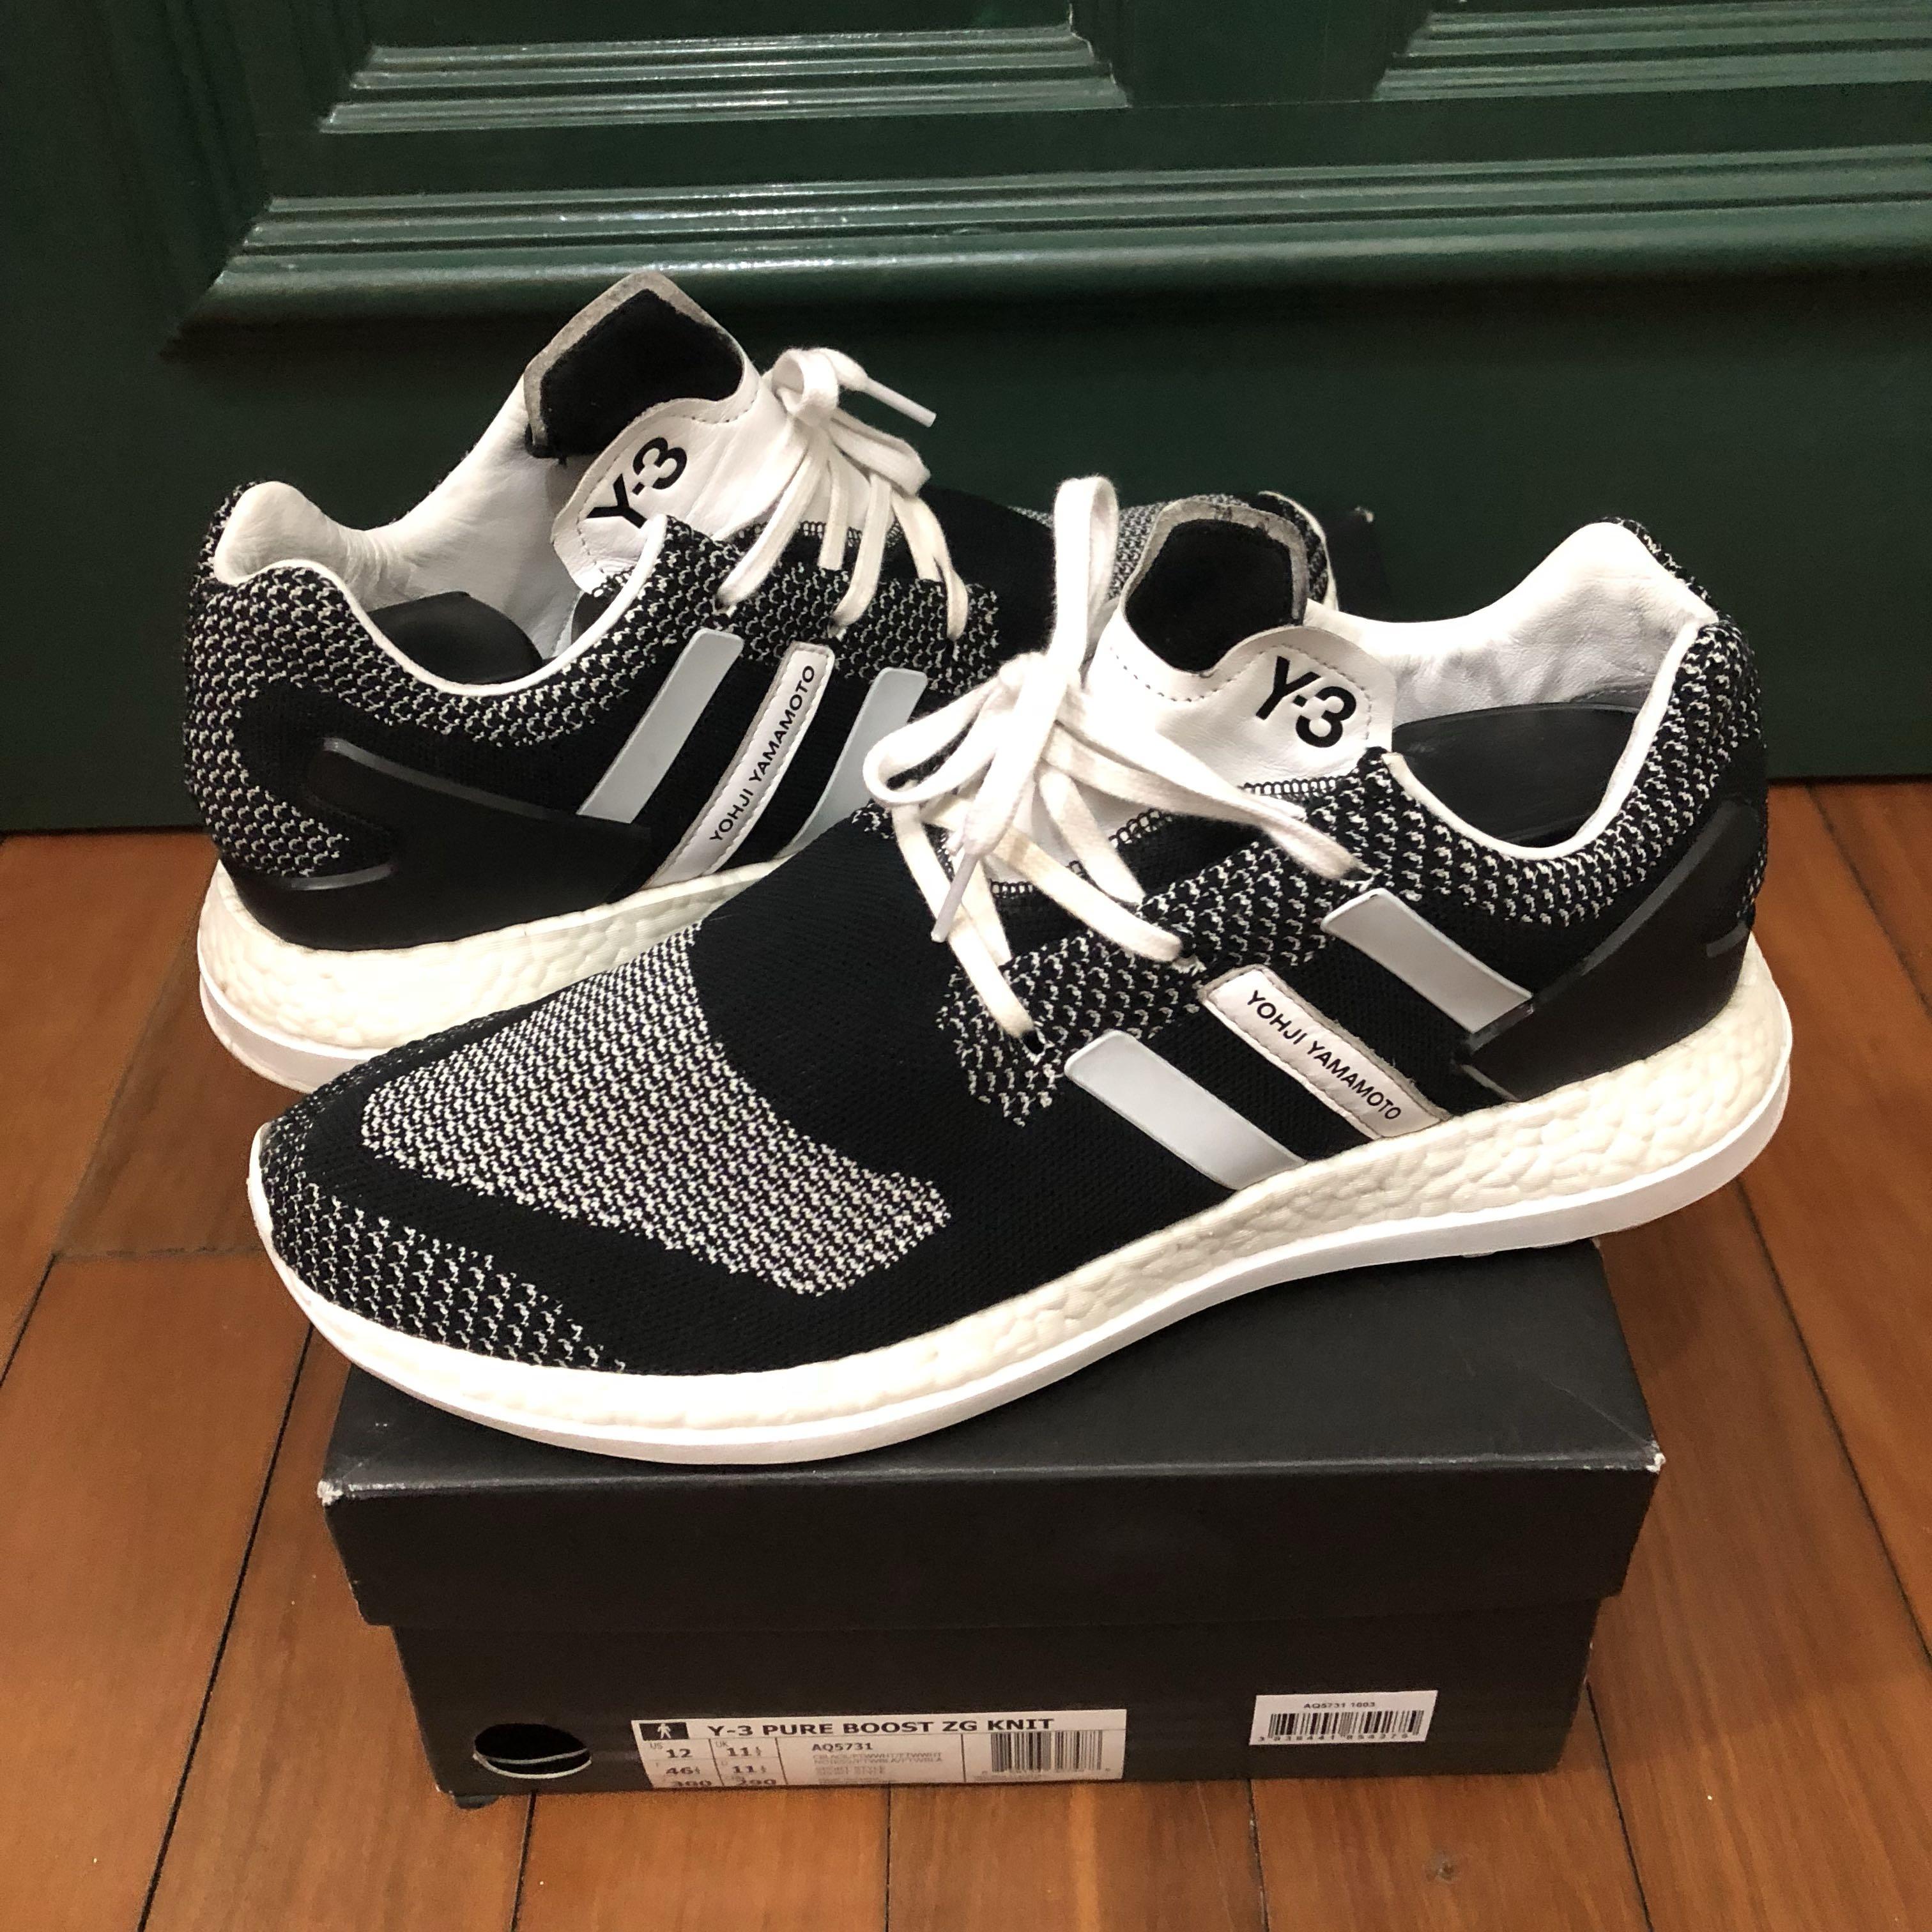 08502644b7eea Adidas y-3 pureboost ZG KNIT